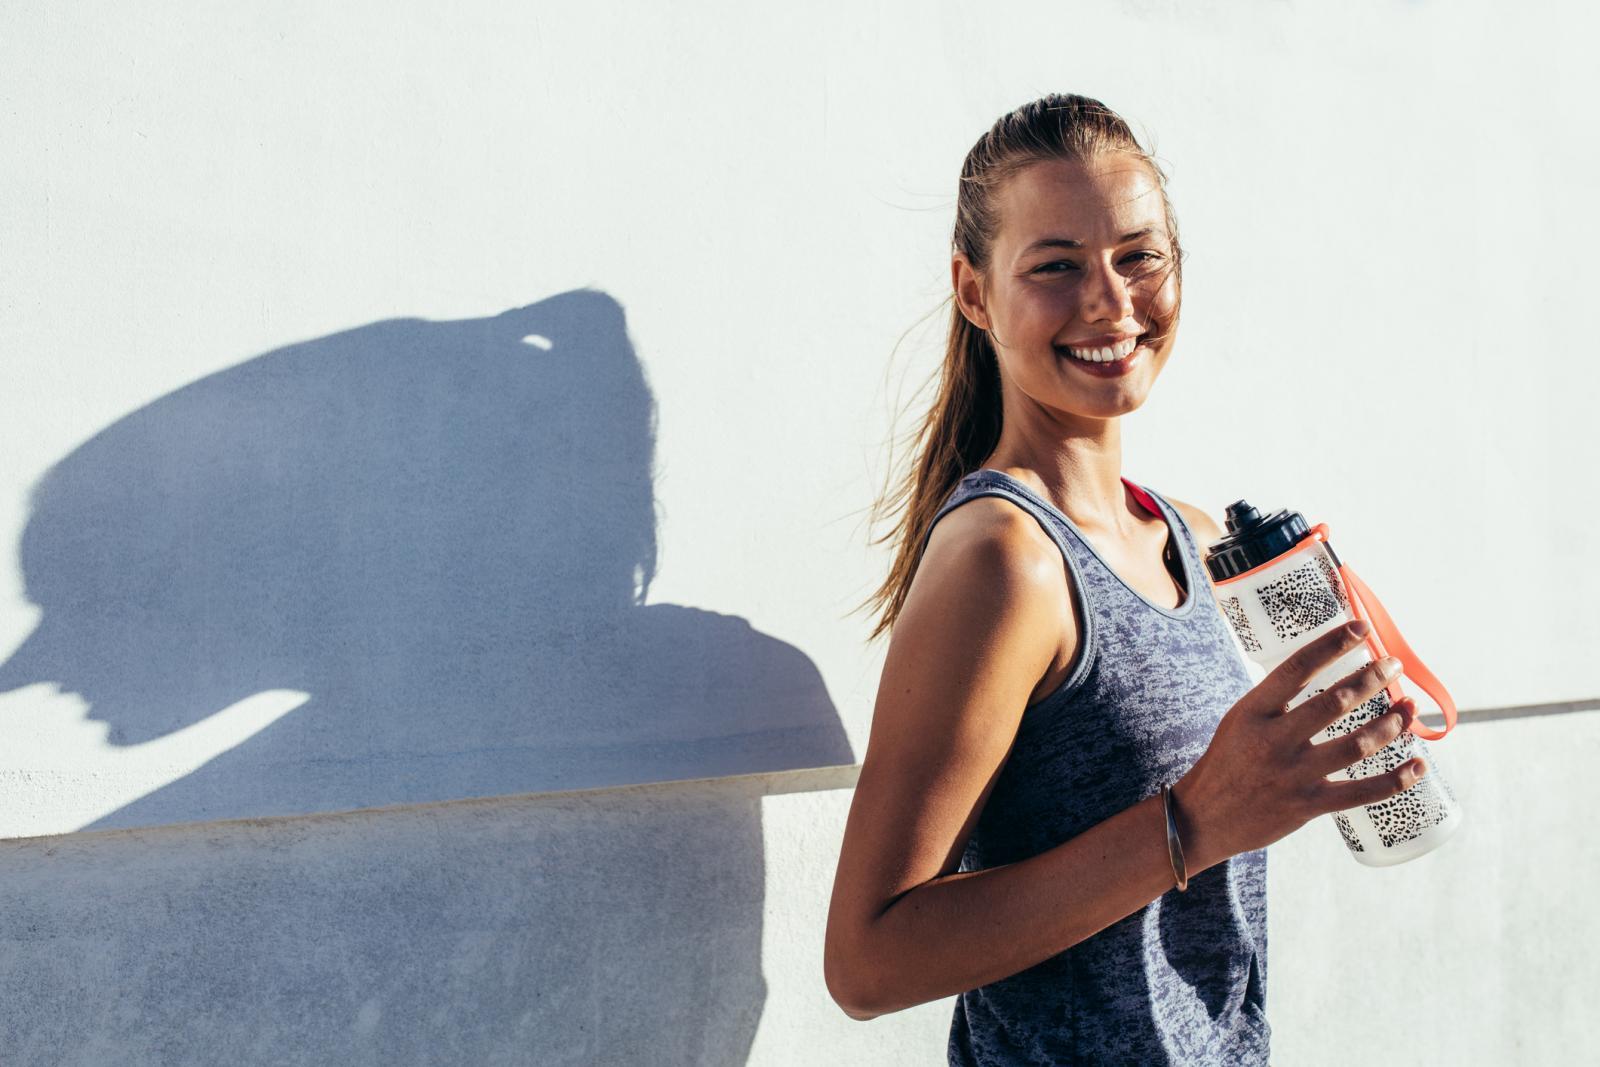 I kao što važno popiti 2-3 litre vode na dan, tako je i važno da proteini čine 20-30 posto svakog obroka.